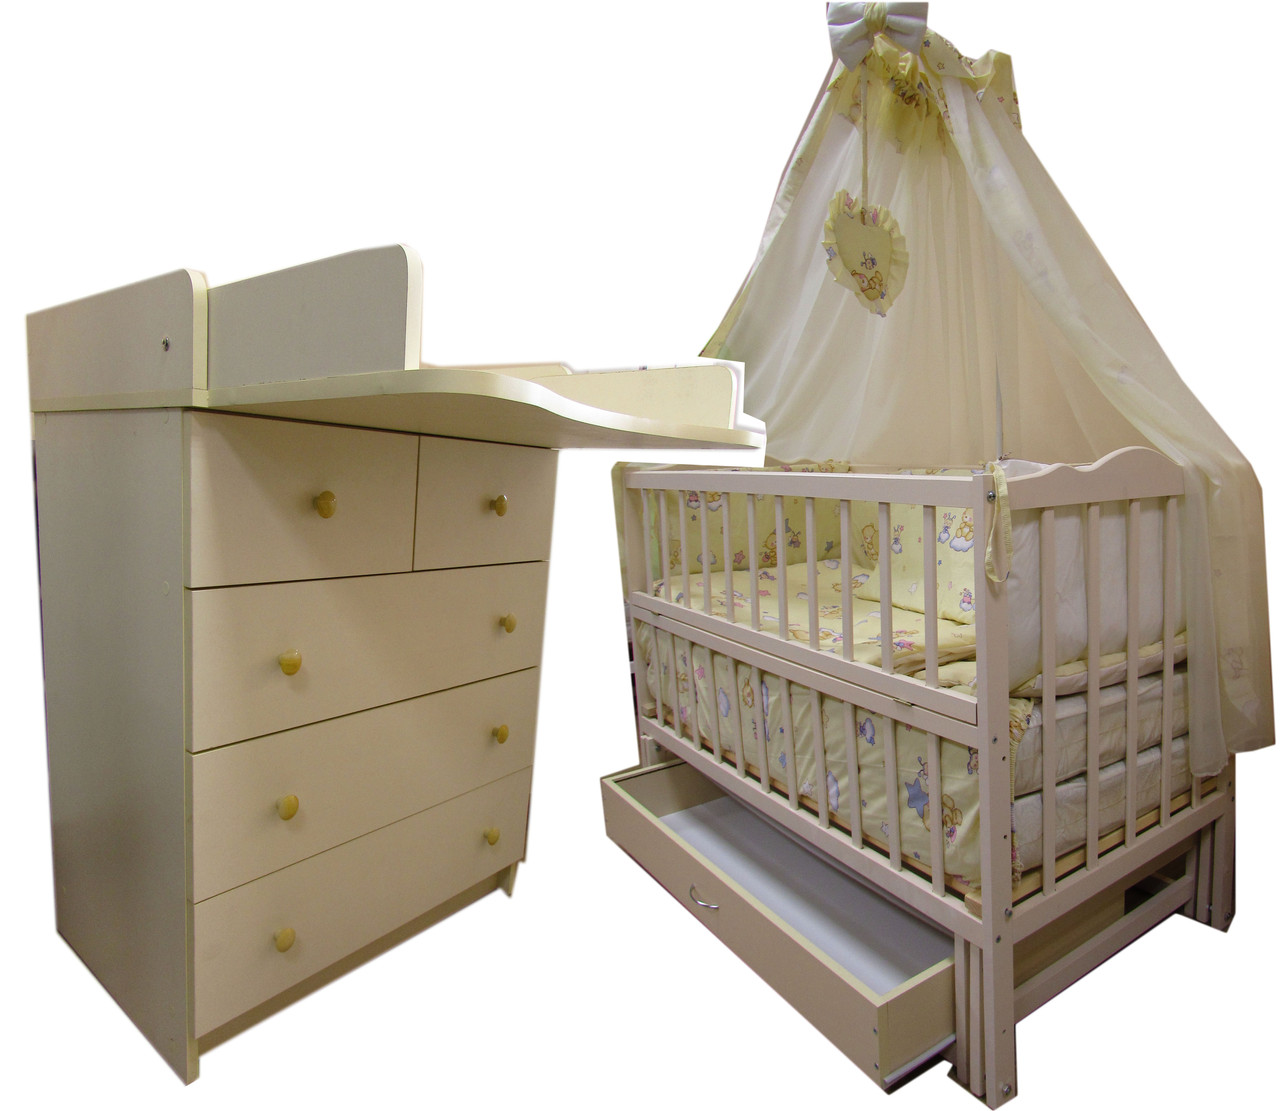 """Акция! Комплект """"Малыш с комодом грибочек"""" ваниль: Комод+ кроватка маятник+ матрас кокос + постельный набор"""